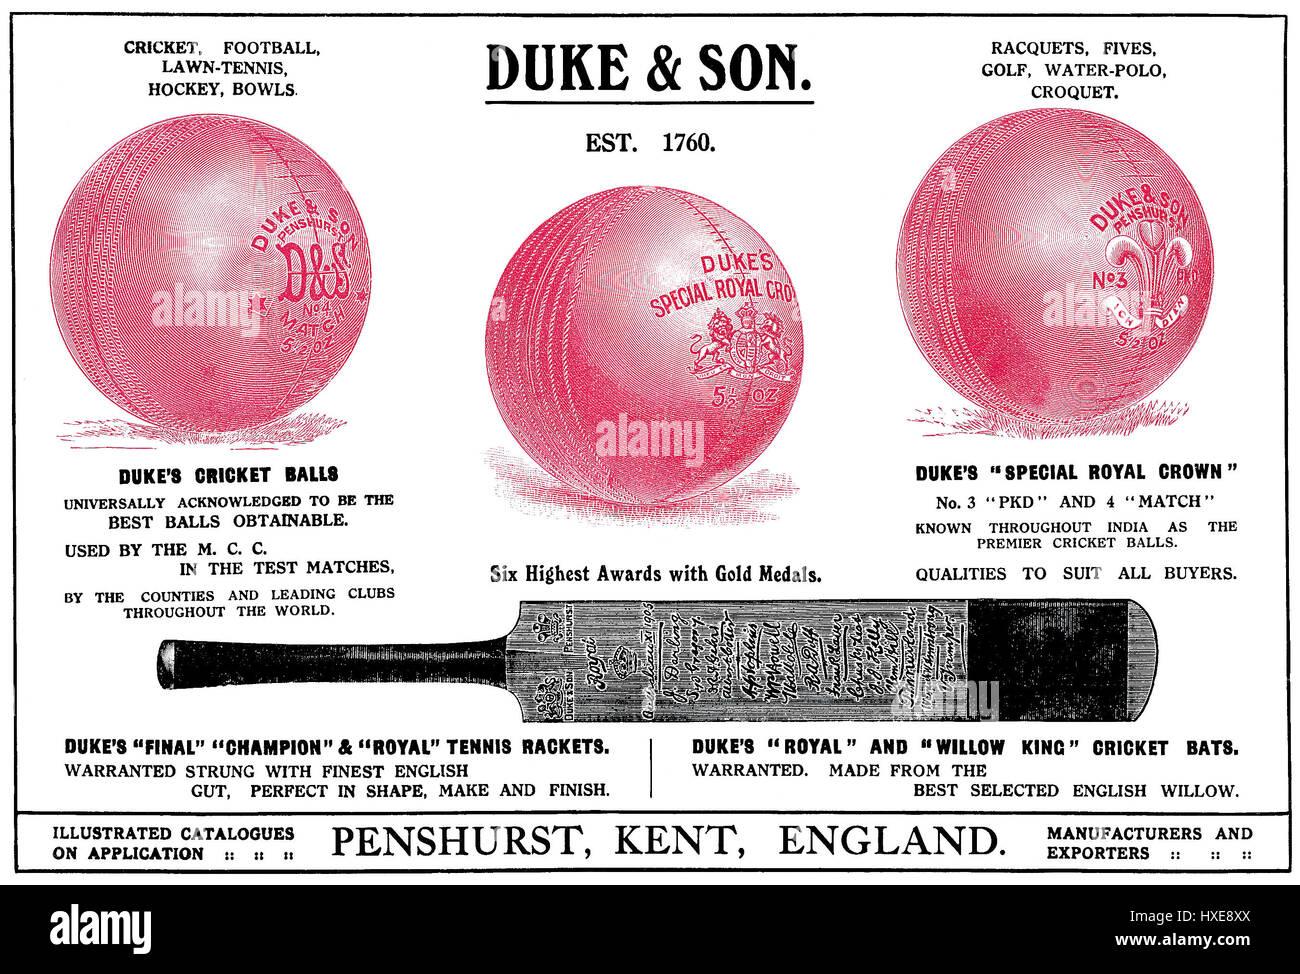 1922 pubblicità indiana per il duca & Figlio attrezzature sportive. Pubblicato in tempi di India, annuale Immagini Stock